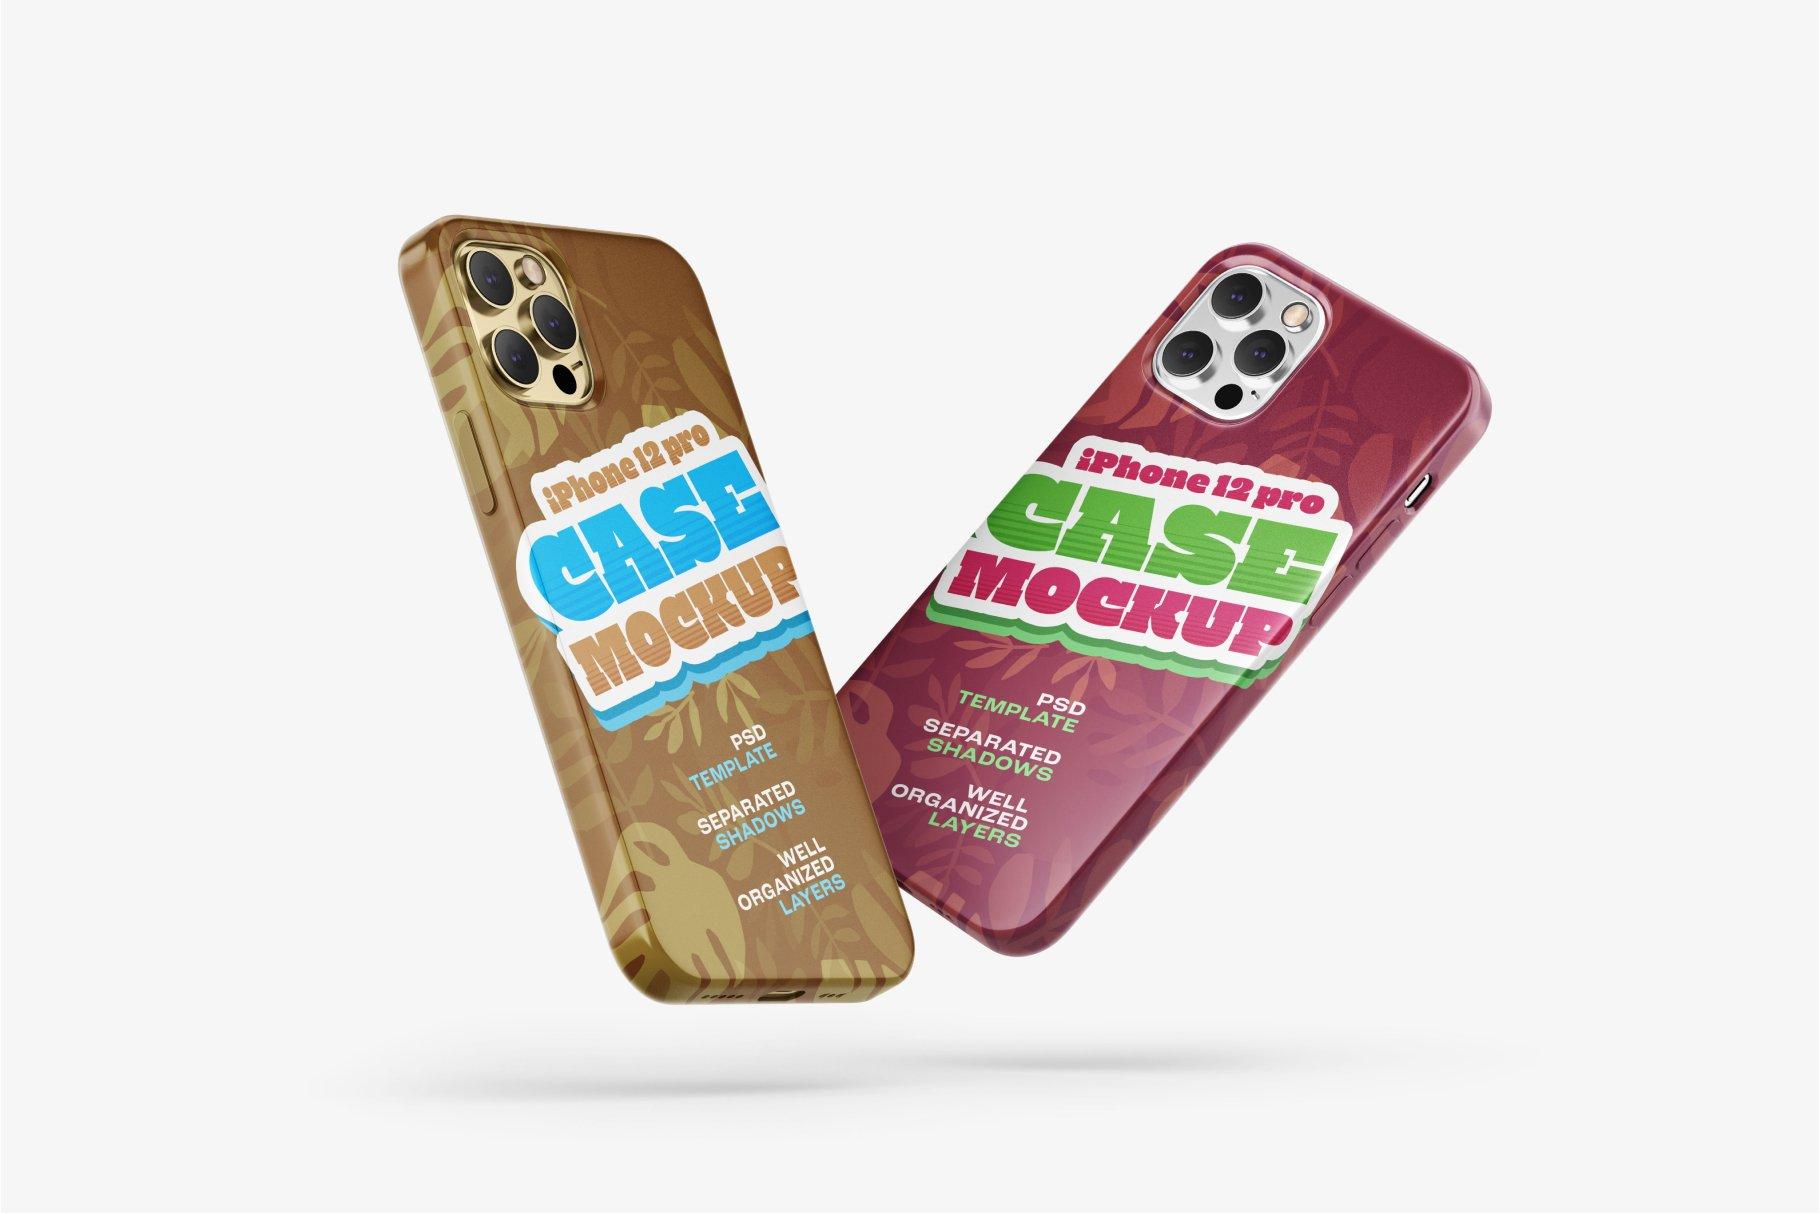 14款iPhone 12 Pro手机壳外观设计展示样机合集 iPhone 12 Pro Case Mockup Set插图3